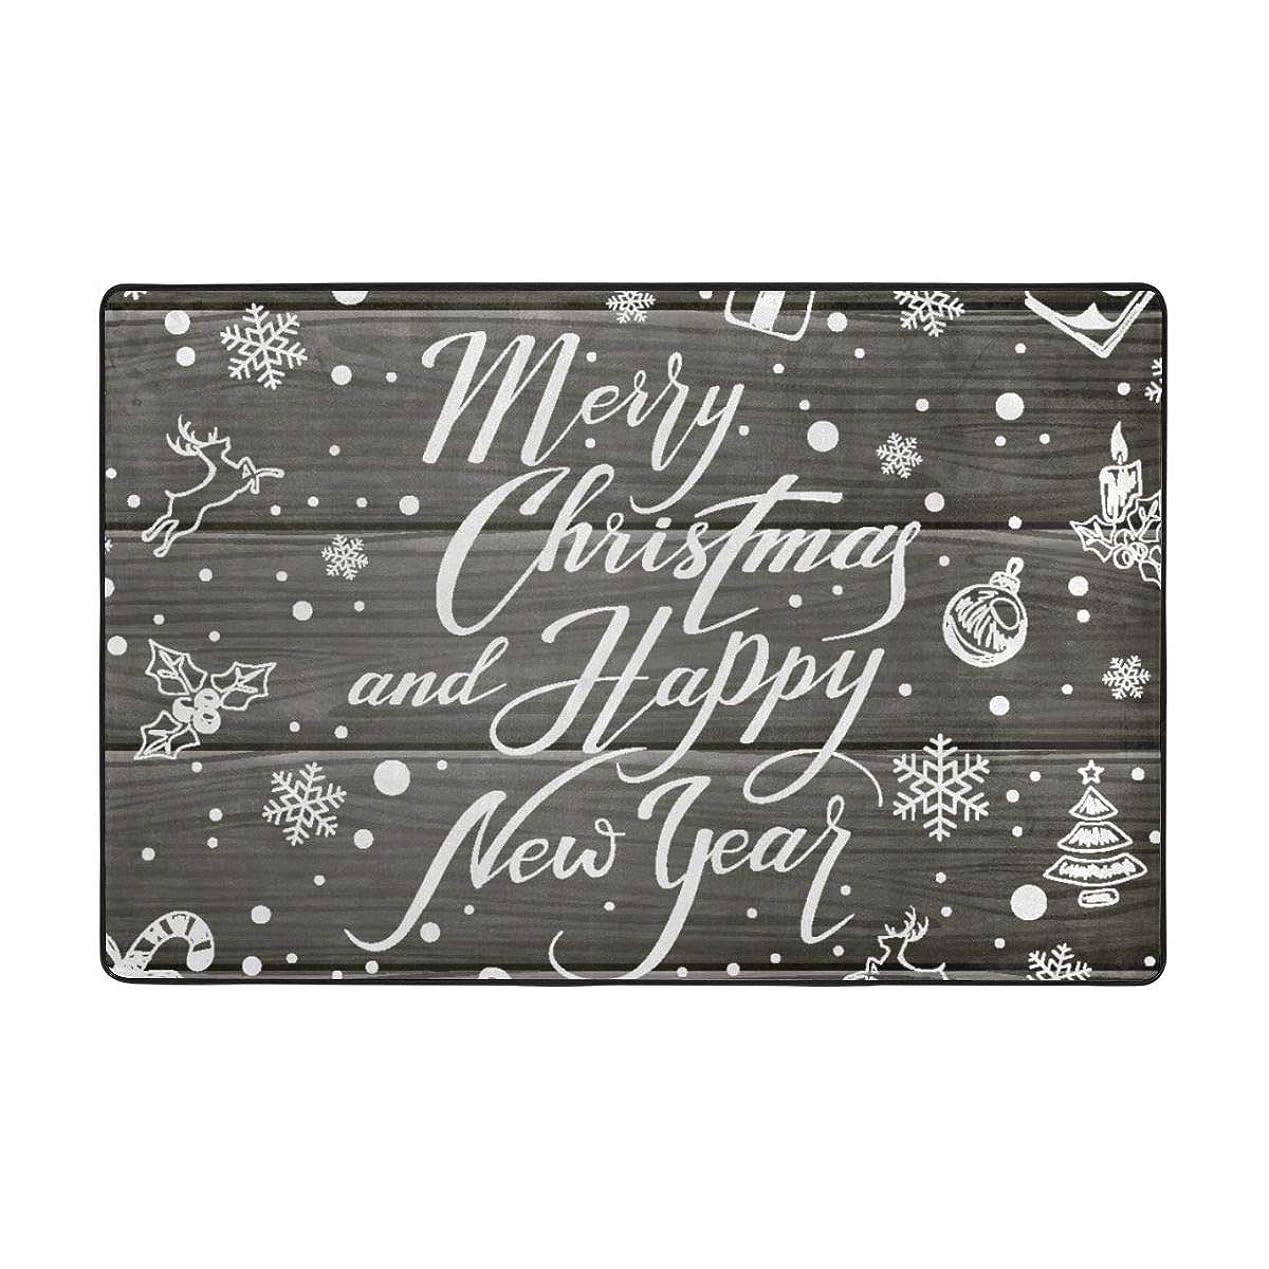 本部プロット揃えるラグ ラグマット クリスマス 板 カーペット 洗える 滑り止め付き 防ダニ 抗菌防臭 夏 冷房対策 ふわふわ 床暖房対応 センターラグ フランネル かわいい 絨毯 長方形 北欧 おしゃれ 90x60cm 180x120cm BOLACO